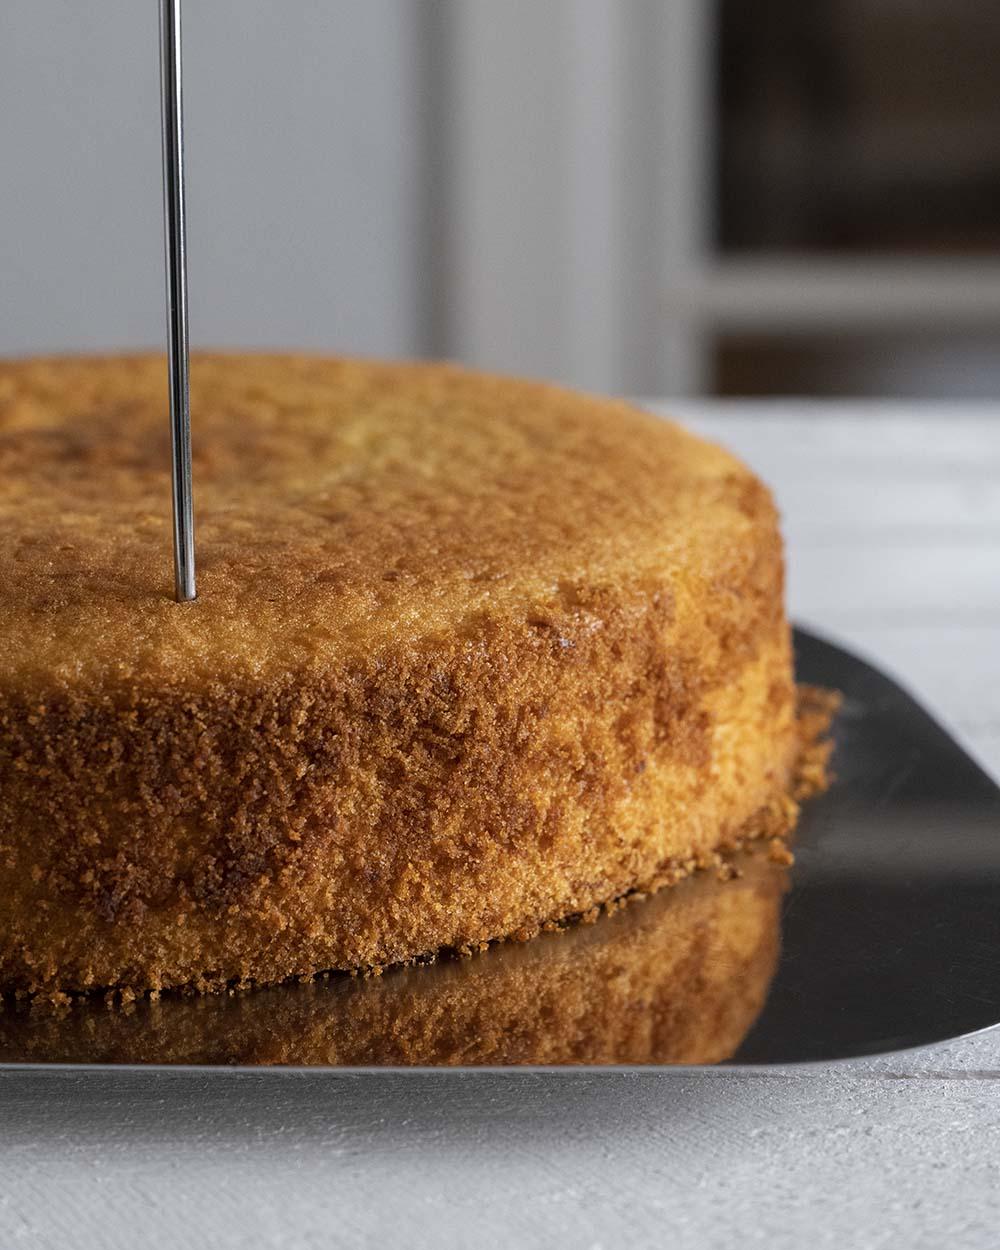 Wir stechen unseren Zitronenkuchen nach dem Backen mit einem Spieß ein. Er bekommt Löcher, damit später der Guss in den Kuchen fließt.